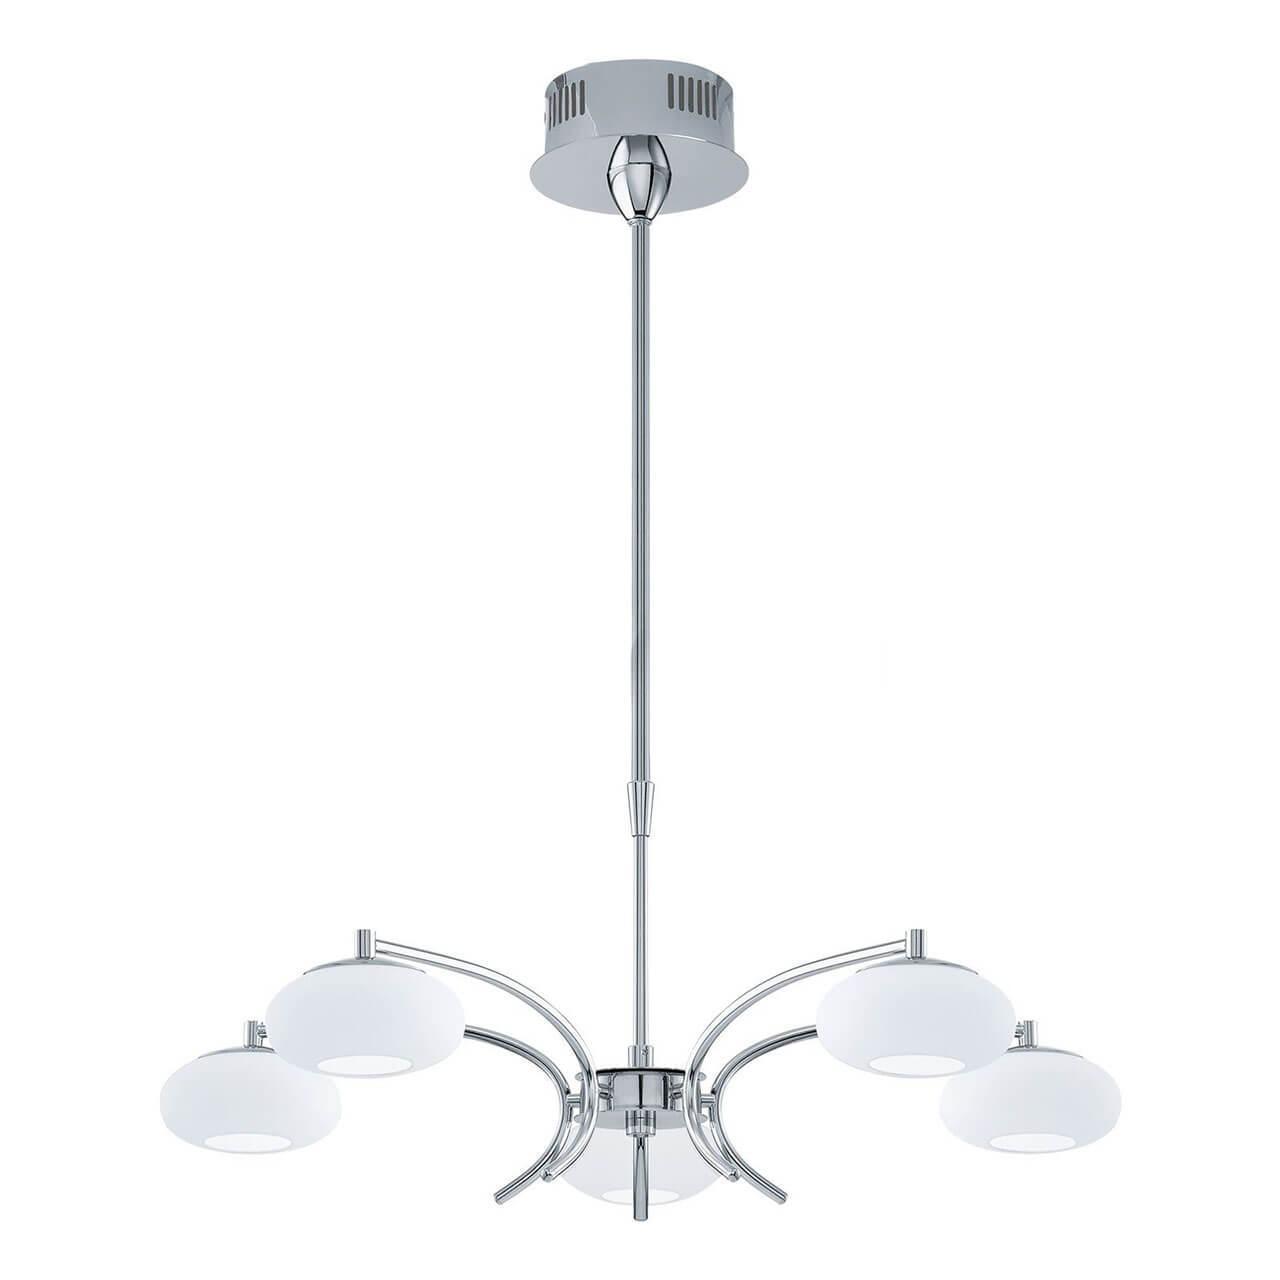 Фото - Подвесной светильник Eglo 96529, LED, 4.5 Вт подвесная светодиодная люстра eglo tarugo 1 96511